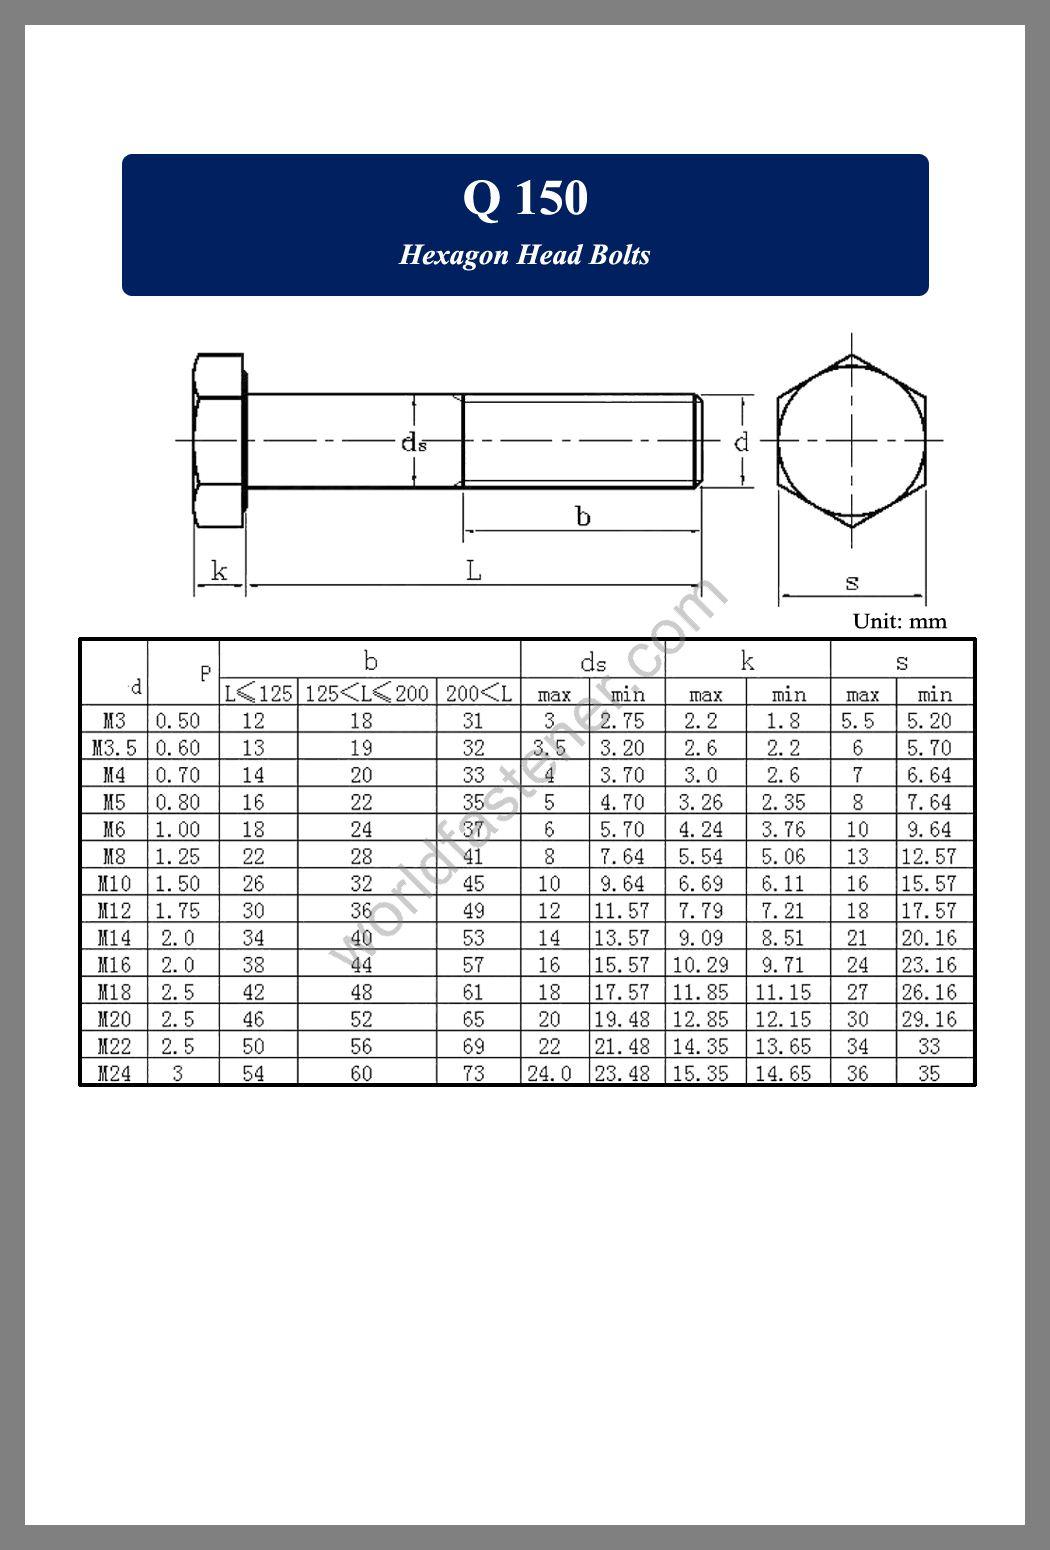 Q150, Q 150 Hexagon Head Bolts, fastener, screw, bolt, Q bolt, Q Standard Fastener